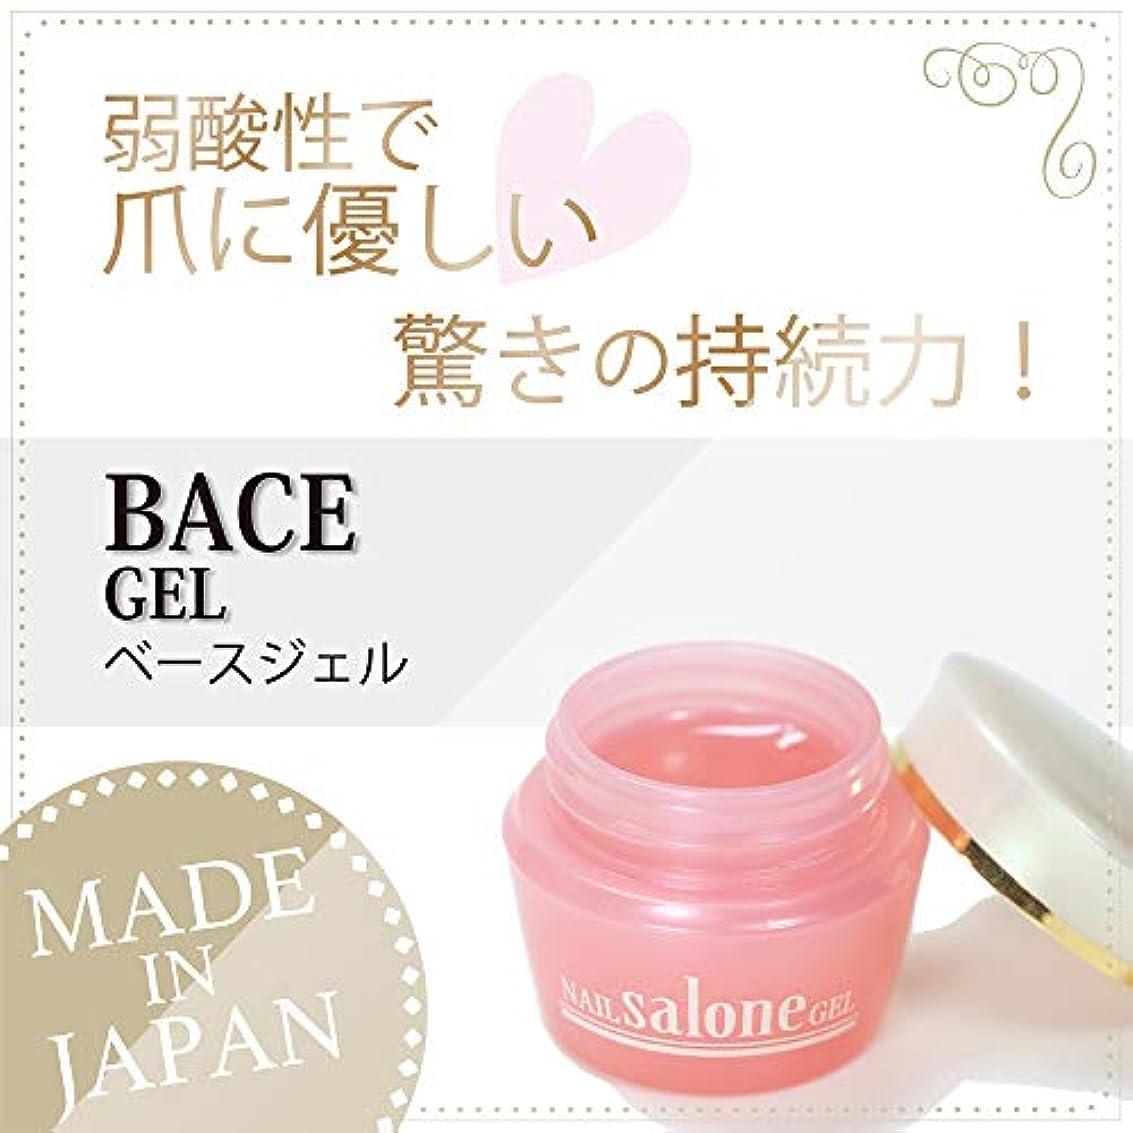 硬いヒョウ大破Salone gel サローネ ベースジェル 爪に優しい 日本製 驚きの密着力 リムーバーでオフも簡単3g